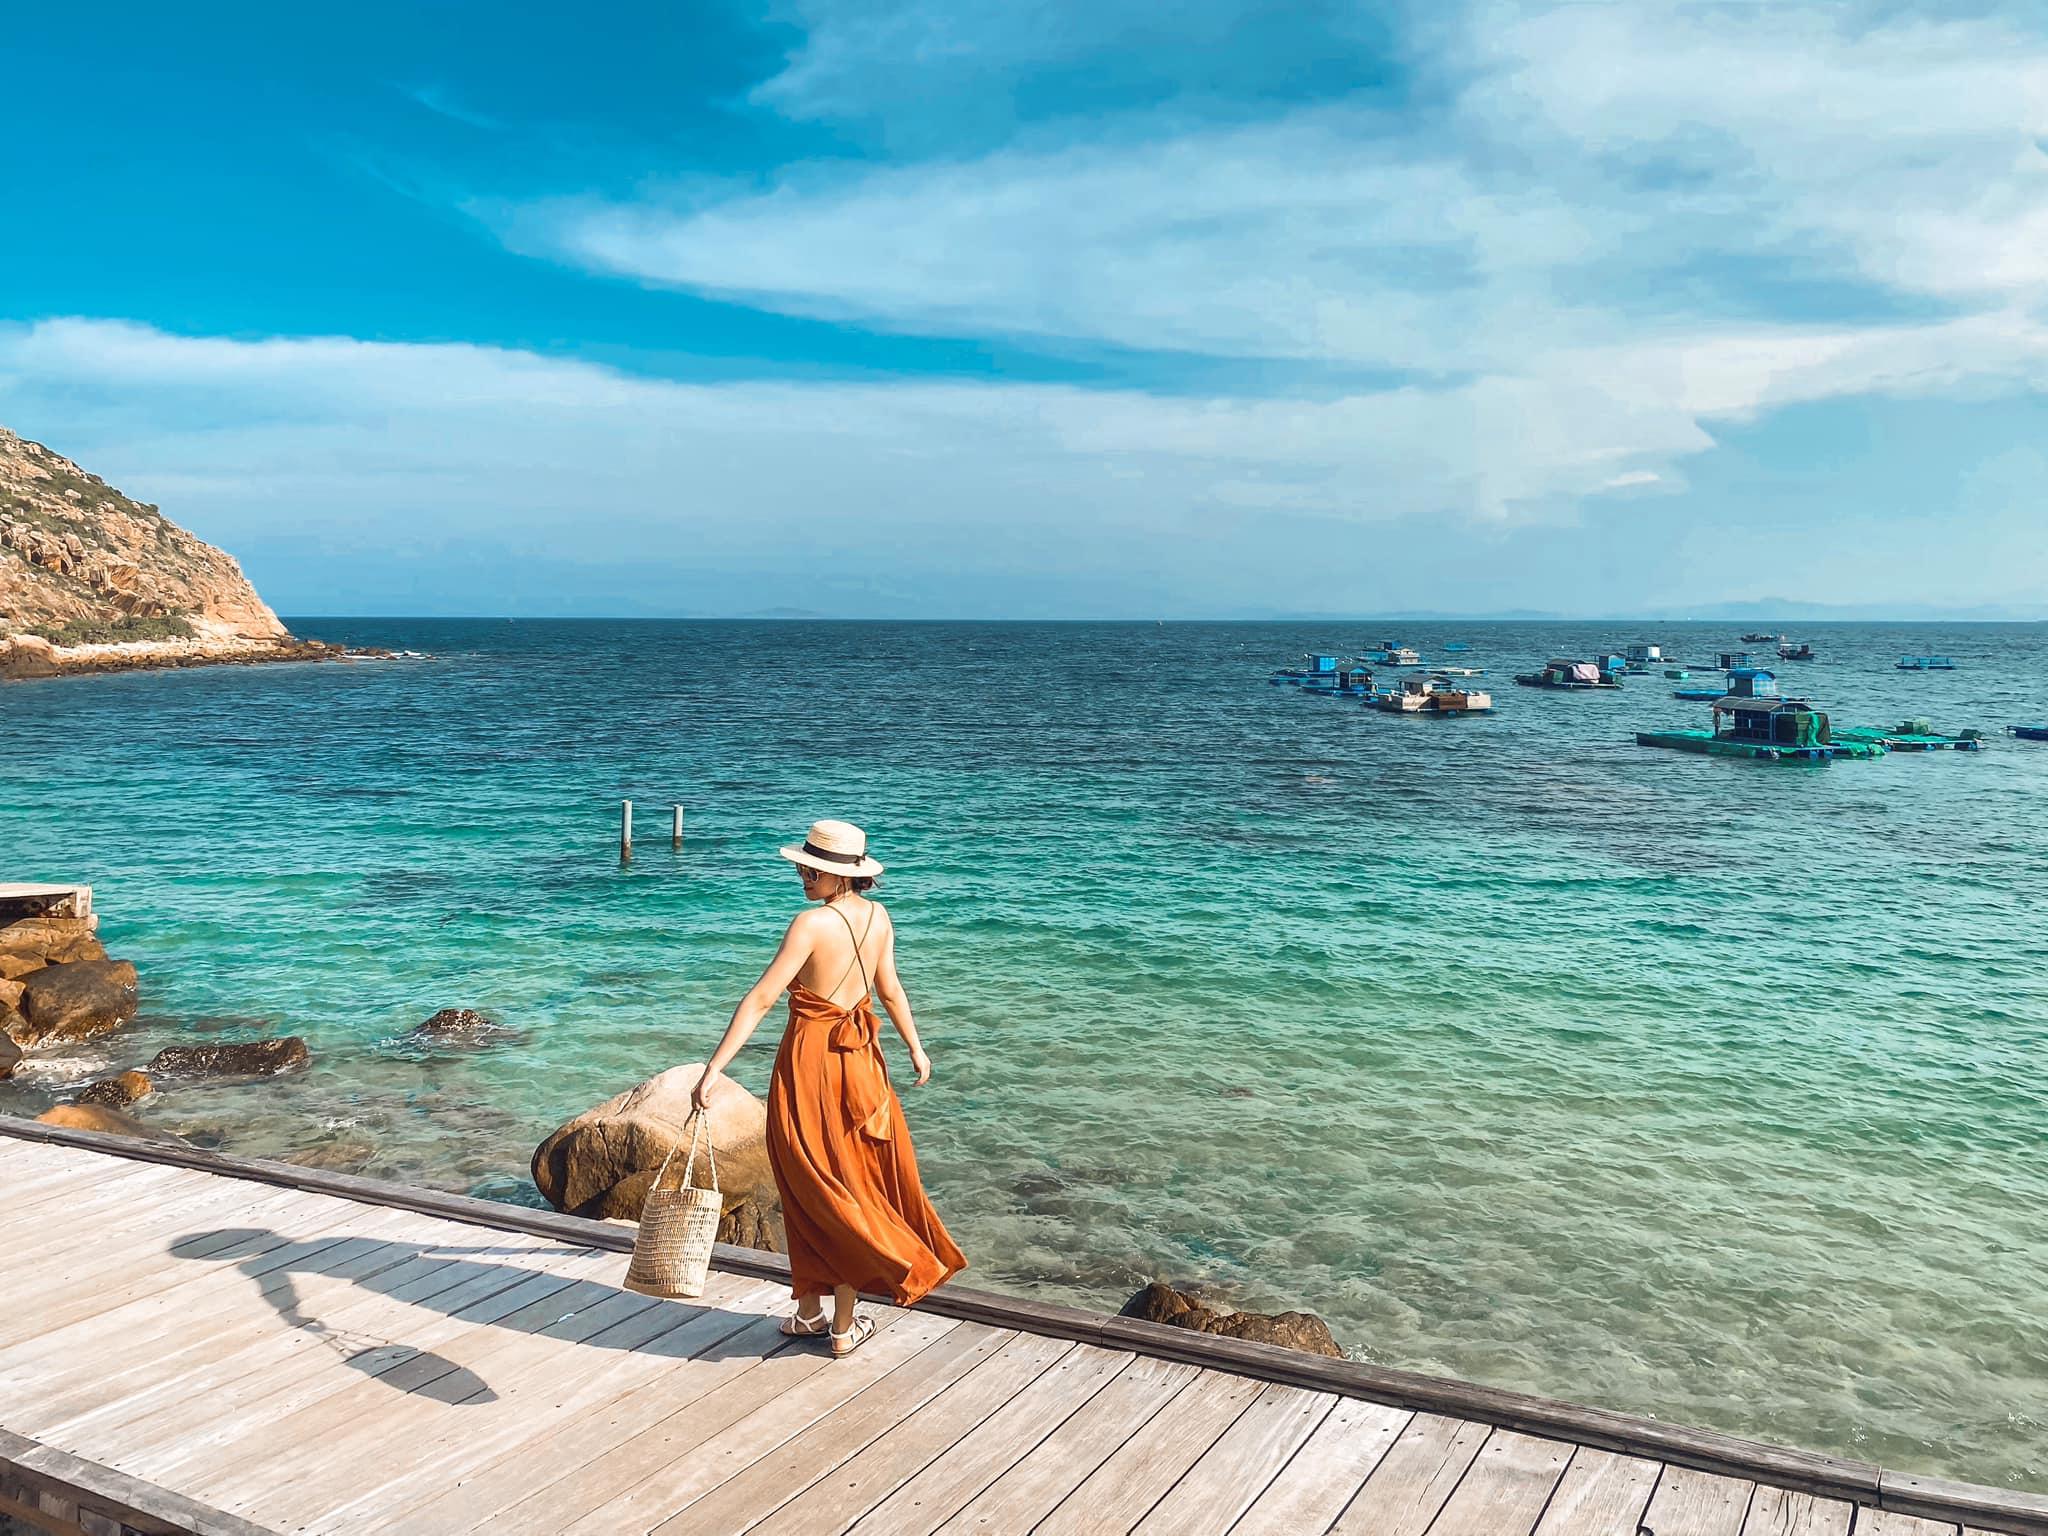 Du lịch Quy Nhơn – Phú Yên 4N3Đ tuyệt vời thu về bộ ảnh check in đỉnh cao